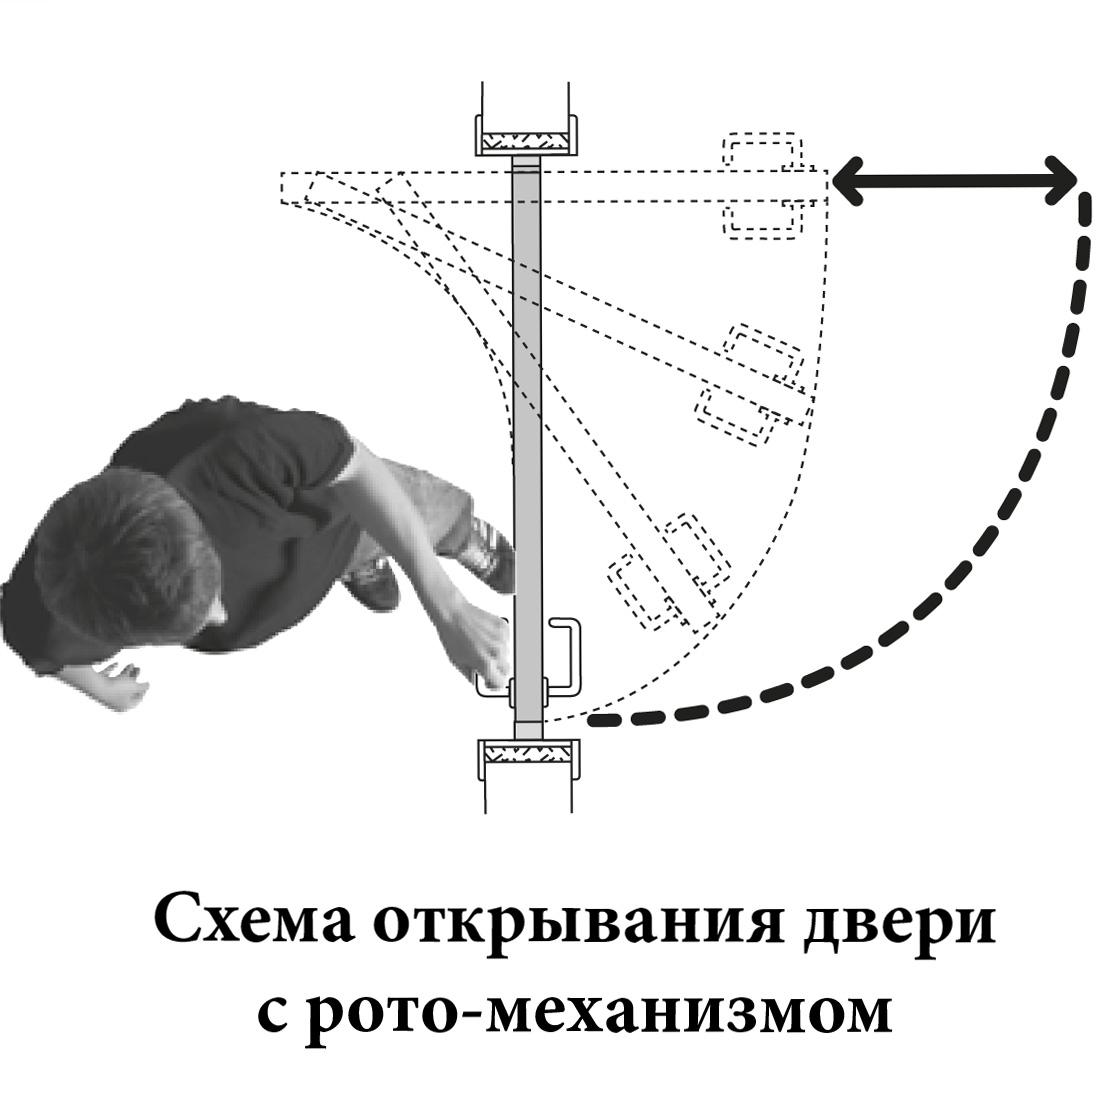 Рото механизм